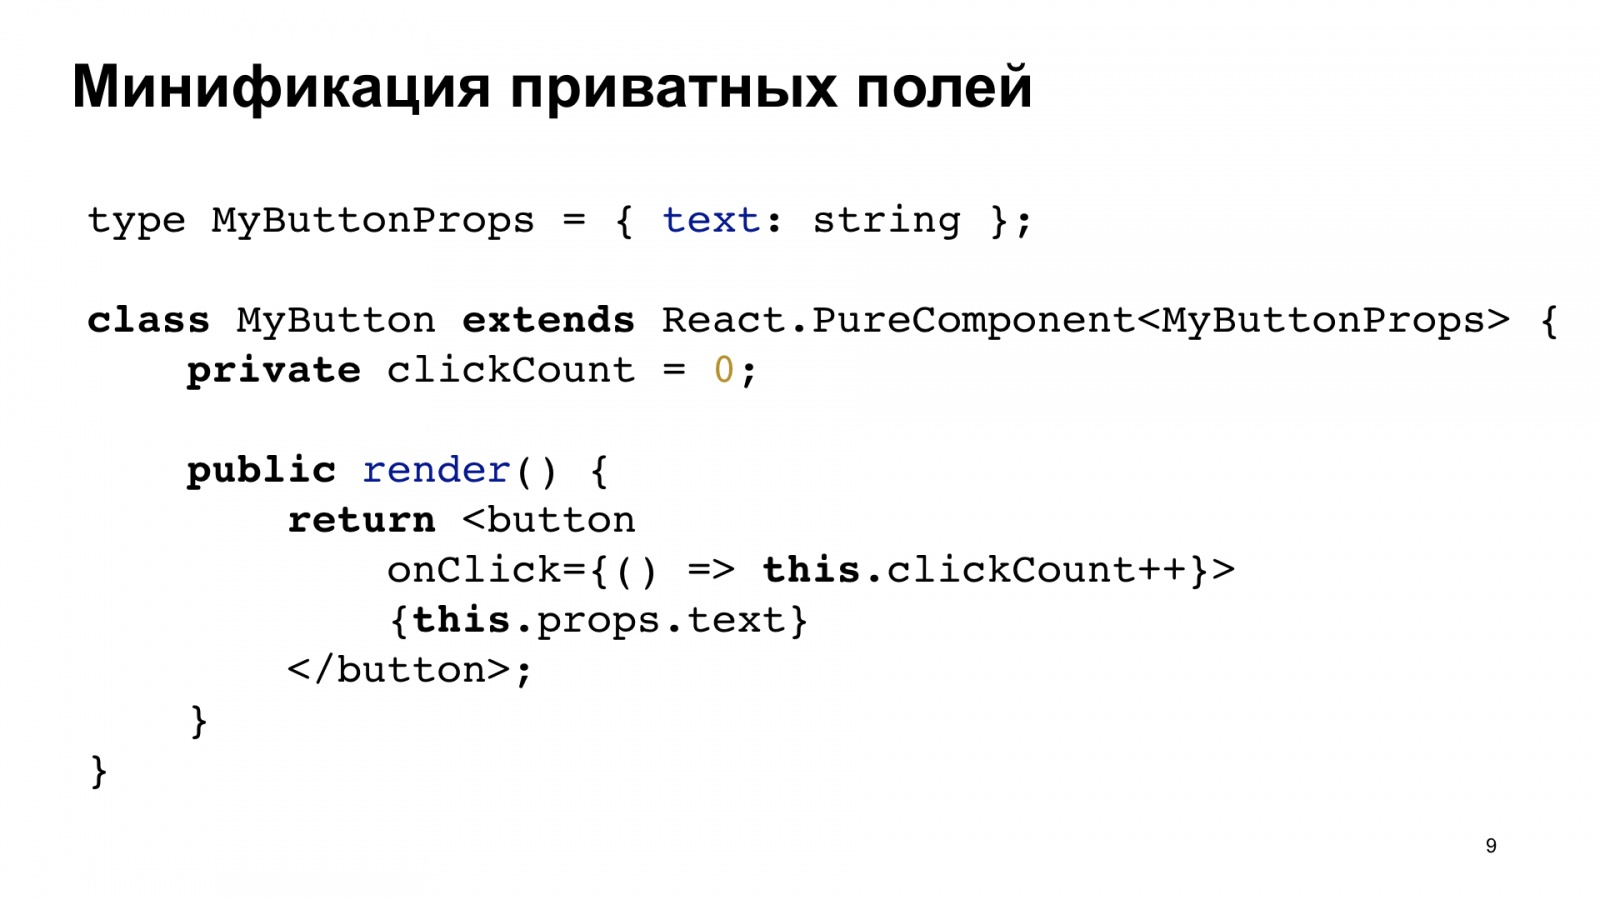 Минифицируем приватные поля в TypeScript. Доклад Яндекса - 9